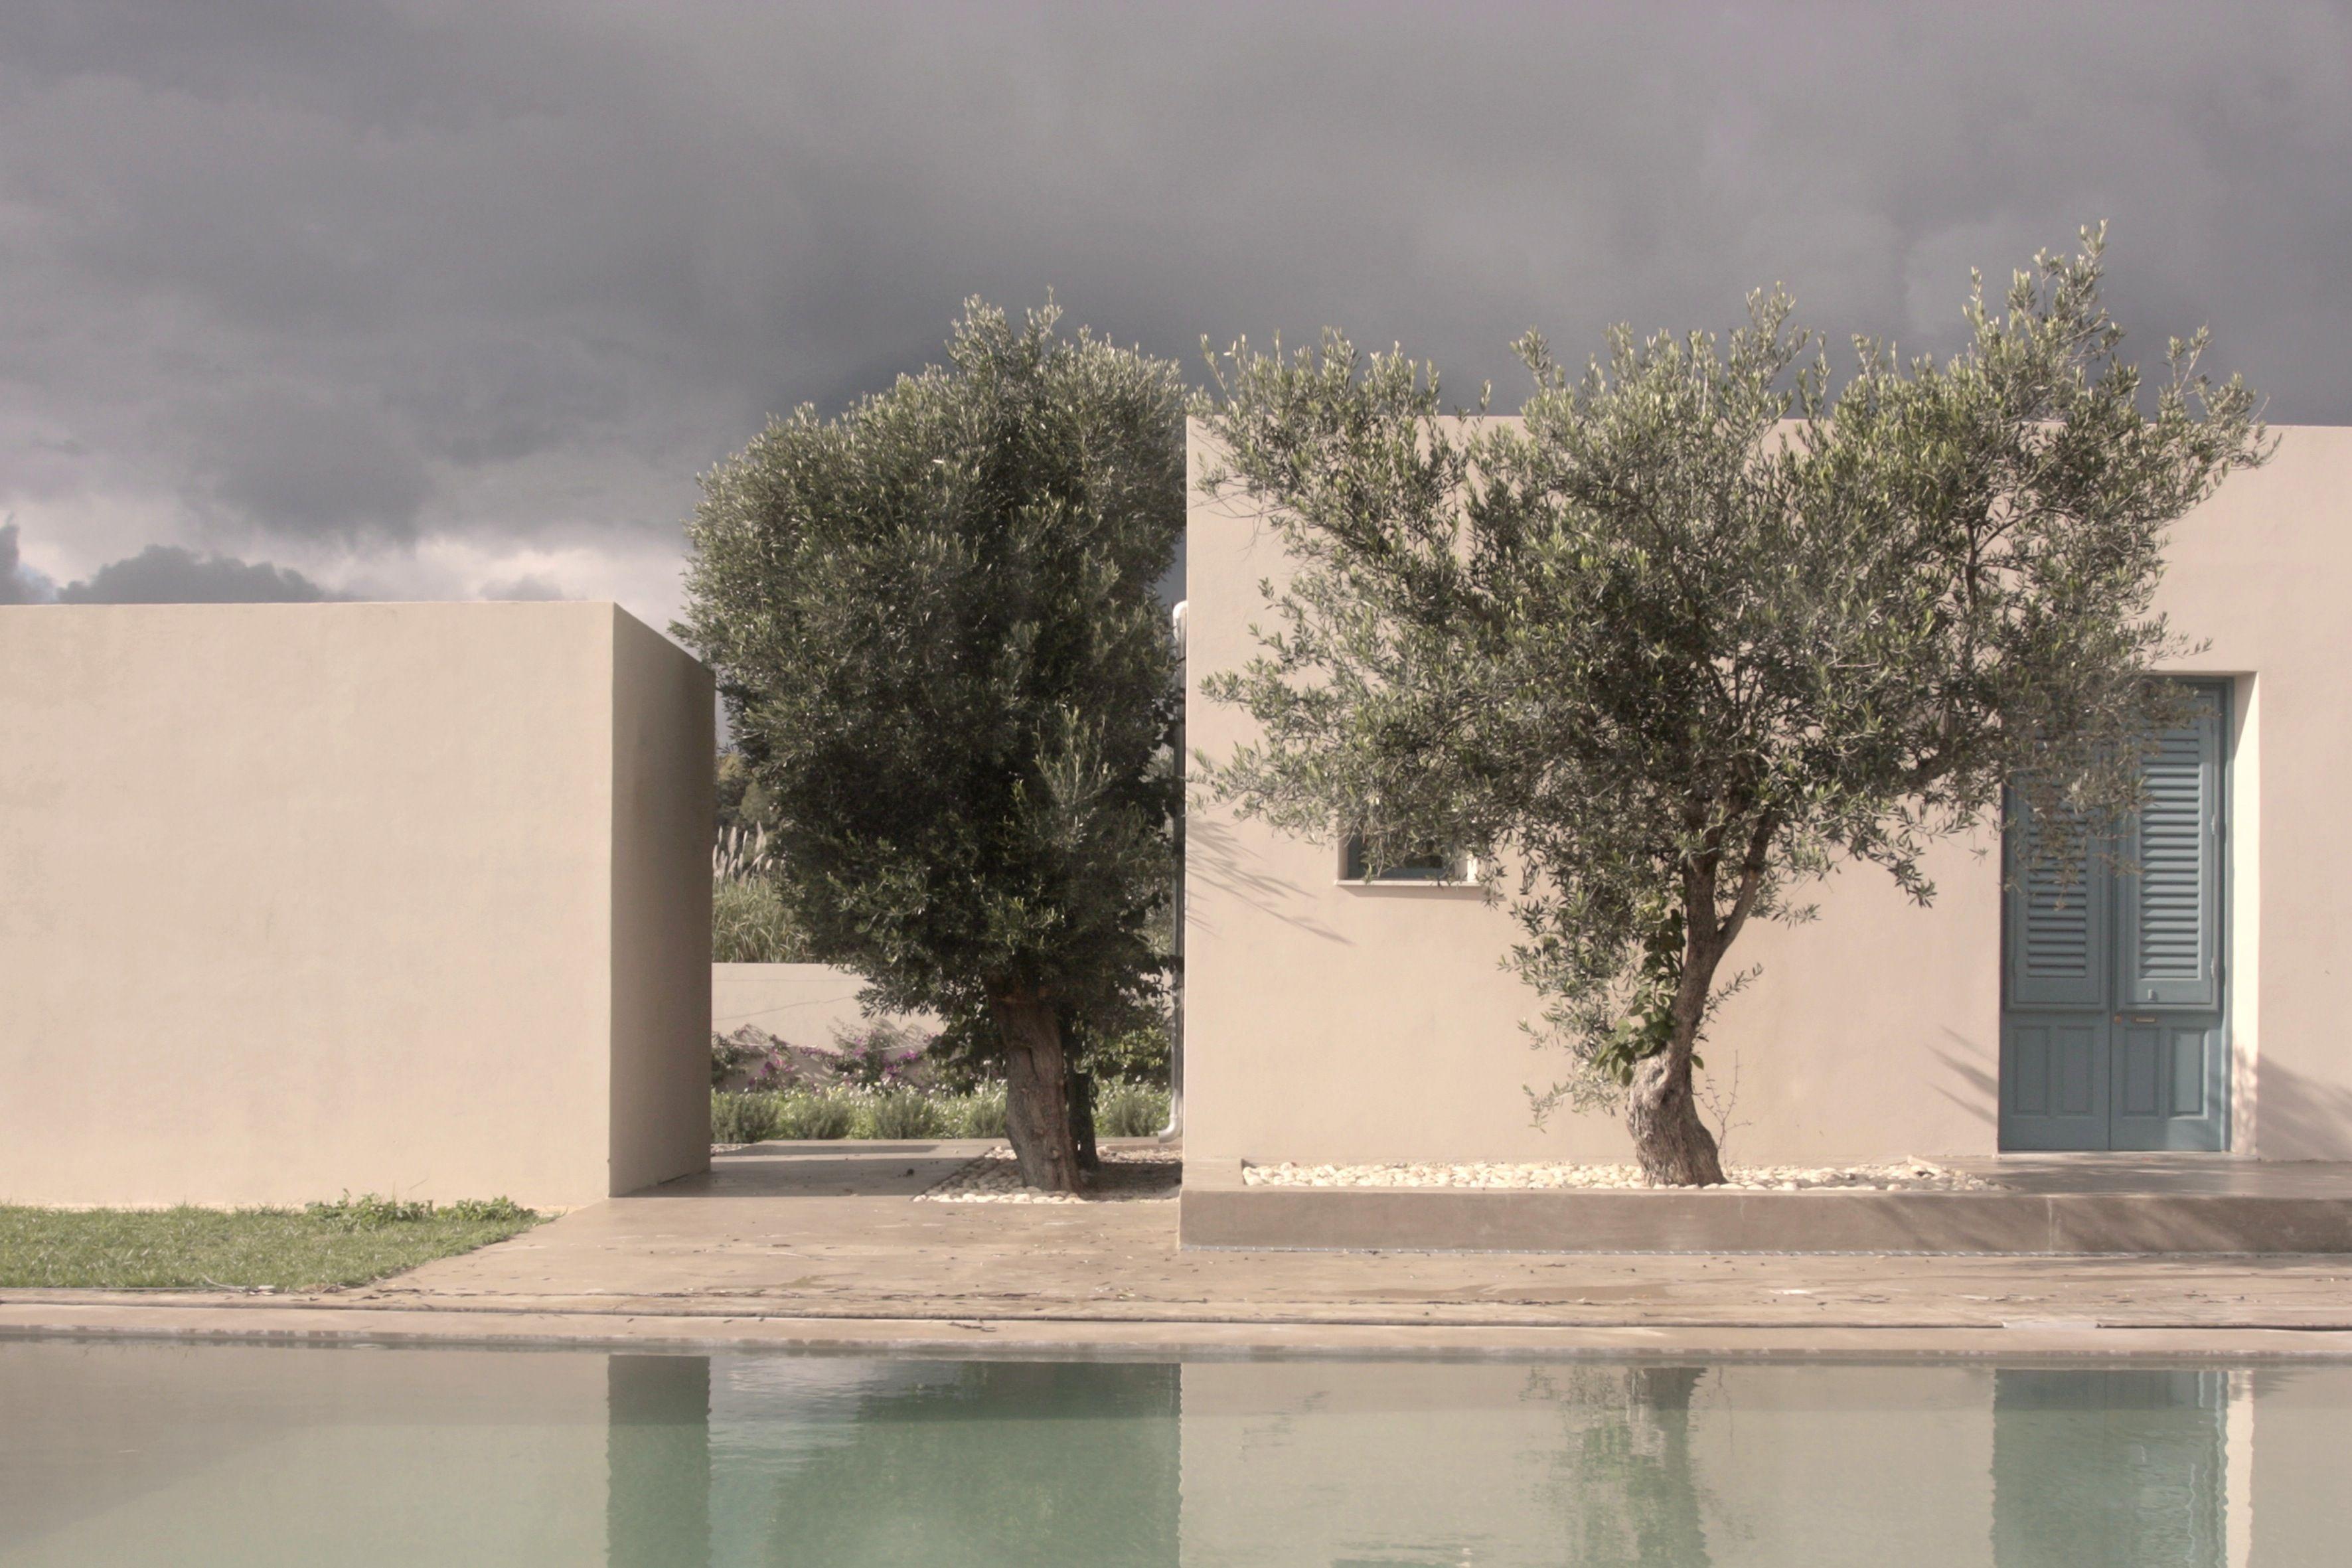 Casa LDF a Menfi (Agrigento) di Gaetano Gulino e Santi Albanese foto: Santo Eduardo Di Miceli